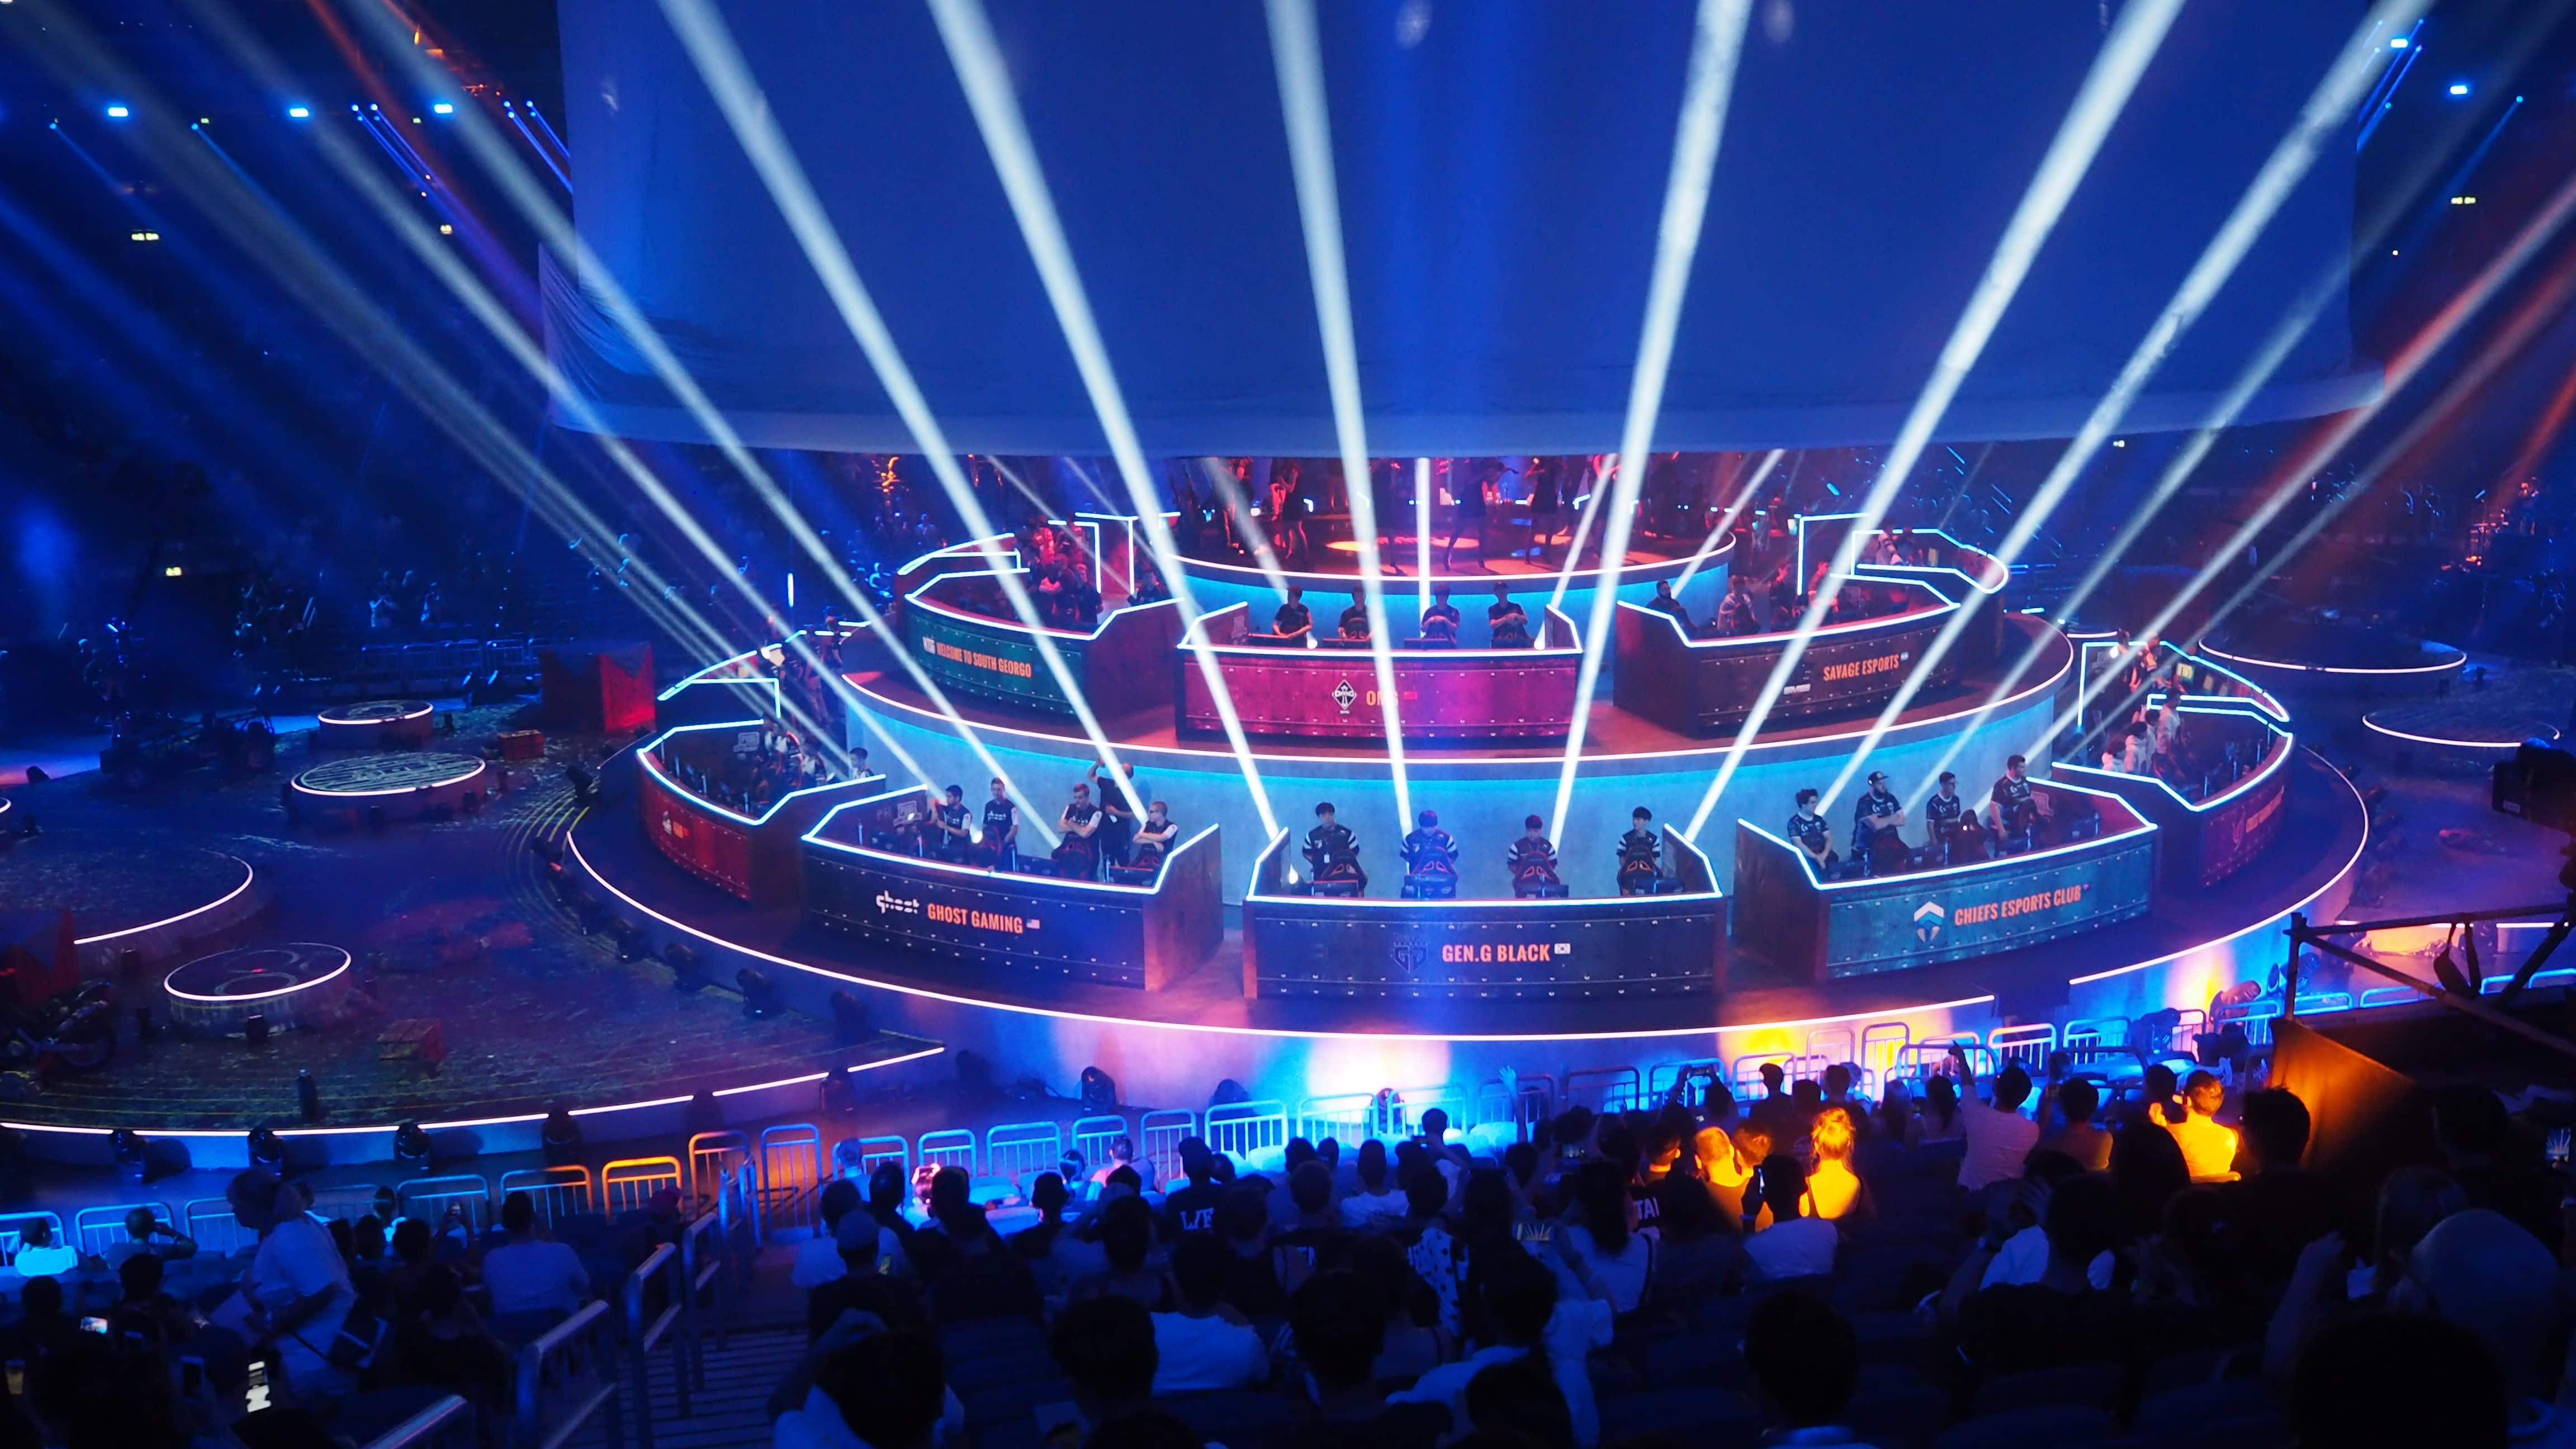 《絕地求生》全球隊伍開幕表演